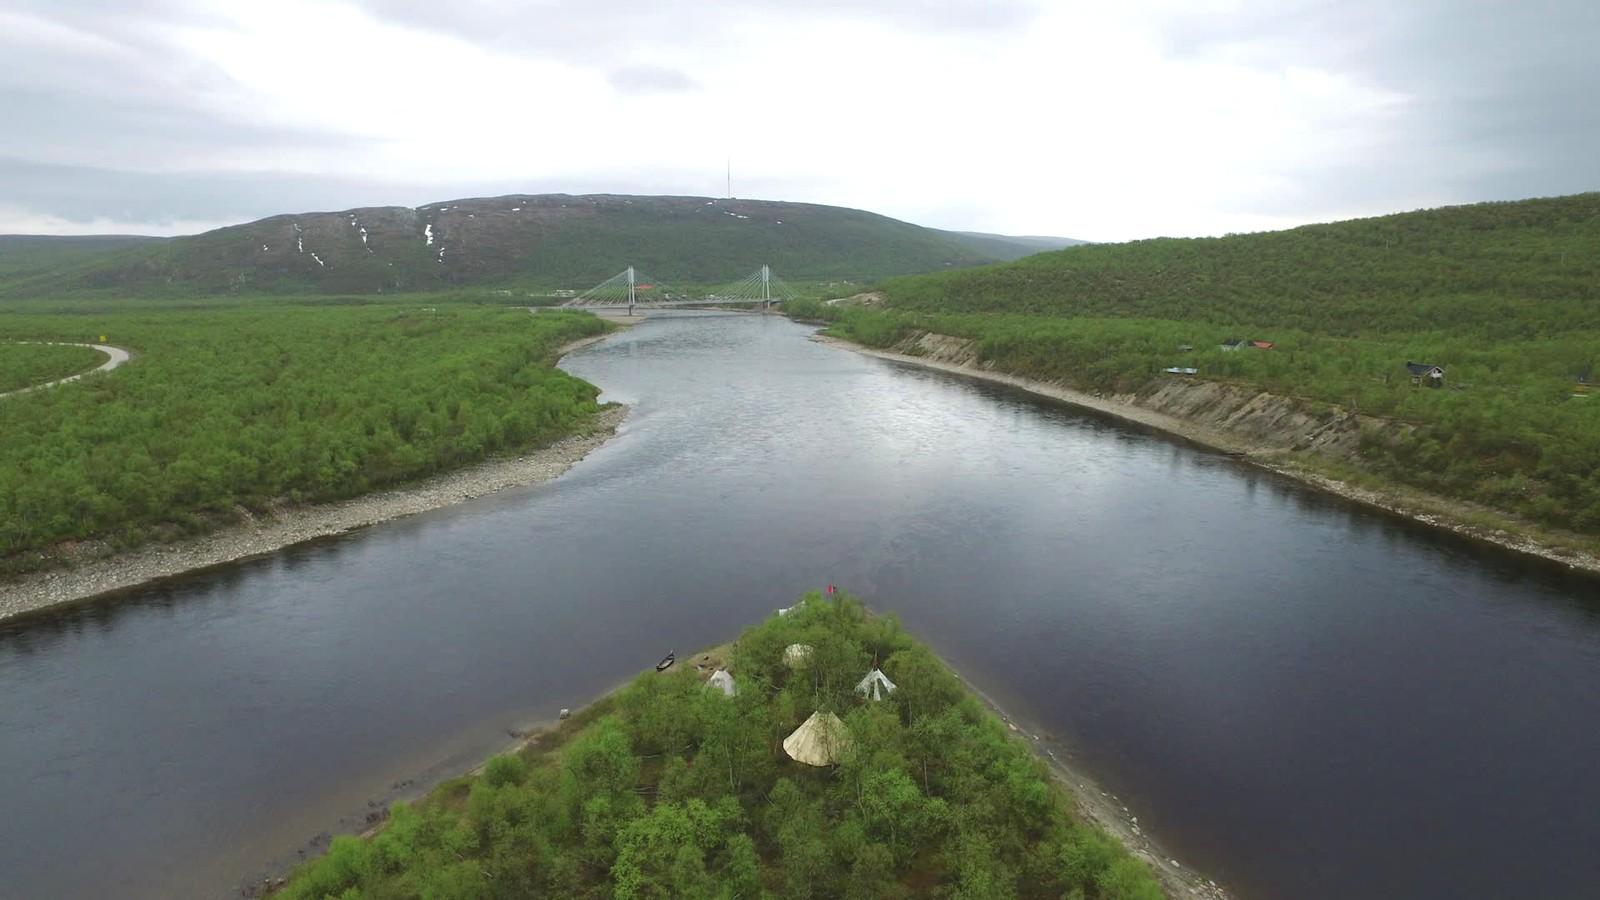 Øya Čearretsuolu i forgrunnen hvor protestleiren er etablert, og Samelandsbrua i bakgrunnen. Brua danner veiforbindelse over Tanaelva mellom Tana kommune i Norge og Utsjok kommune i Finland.